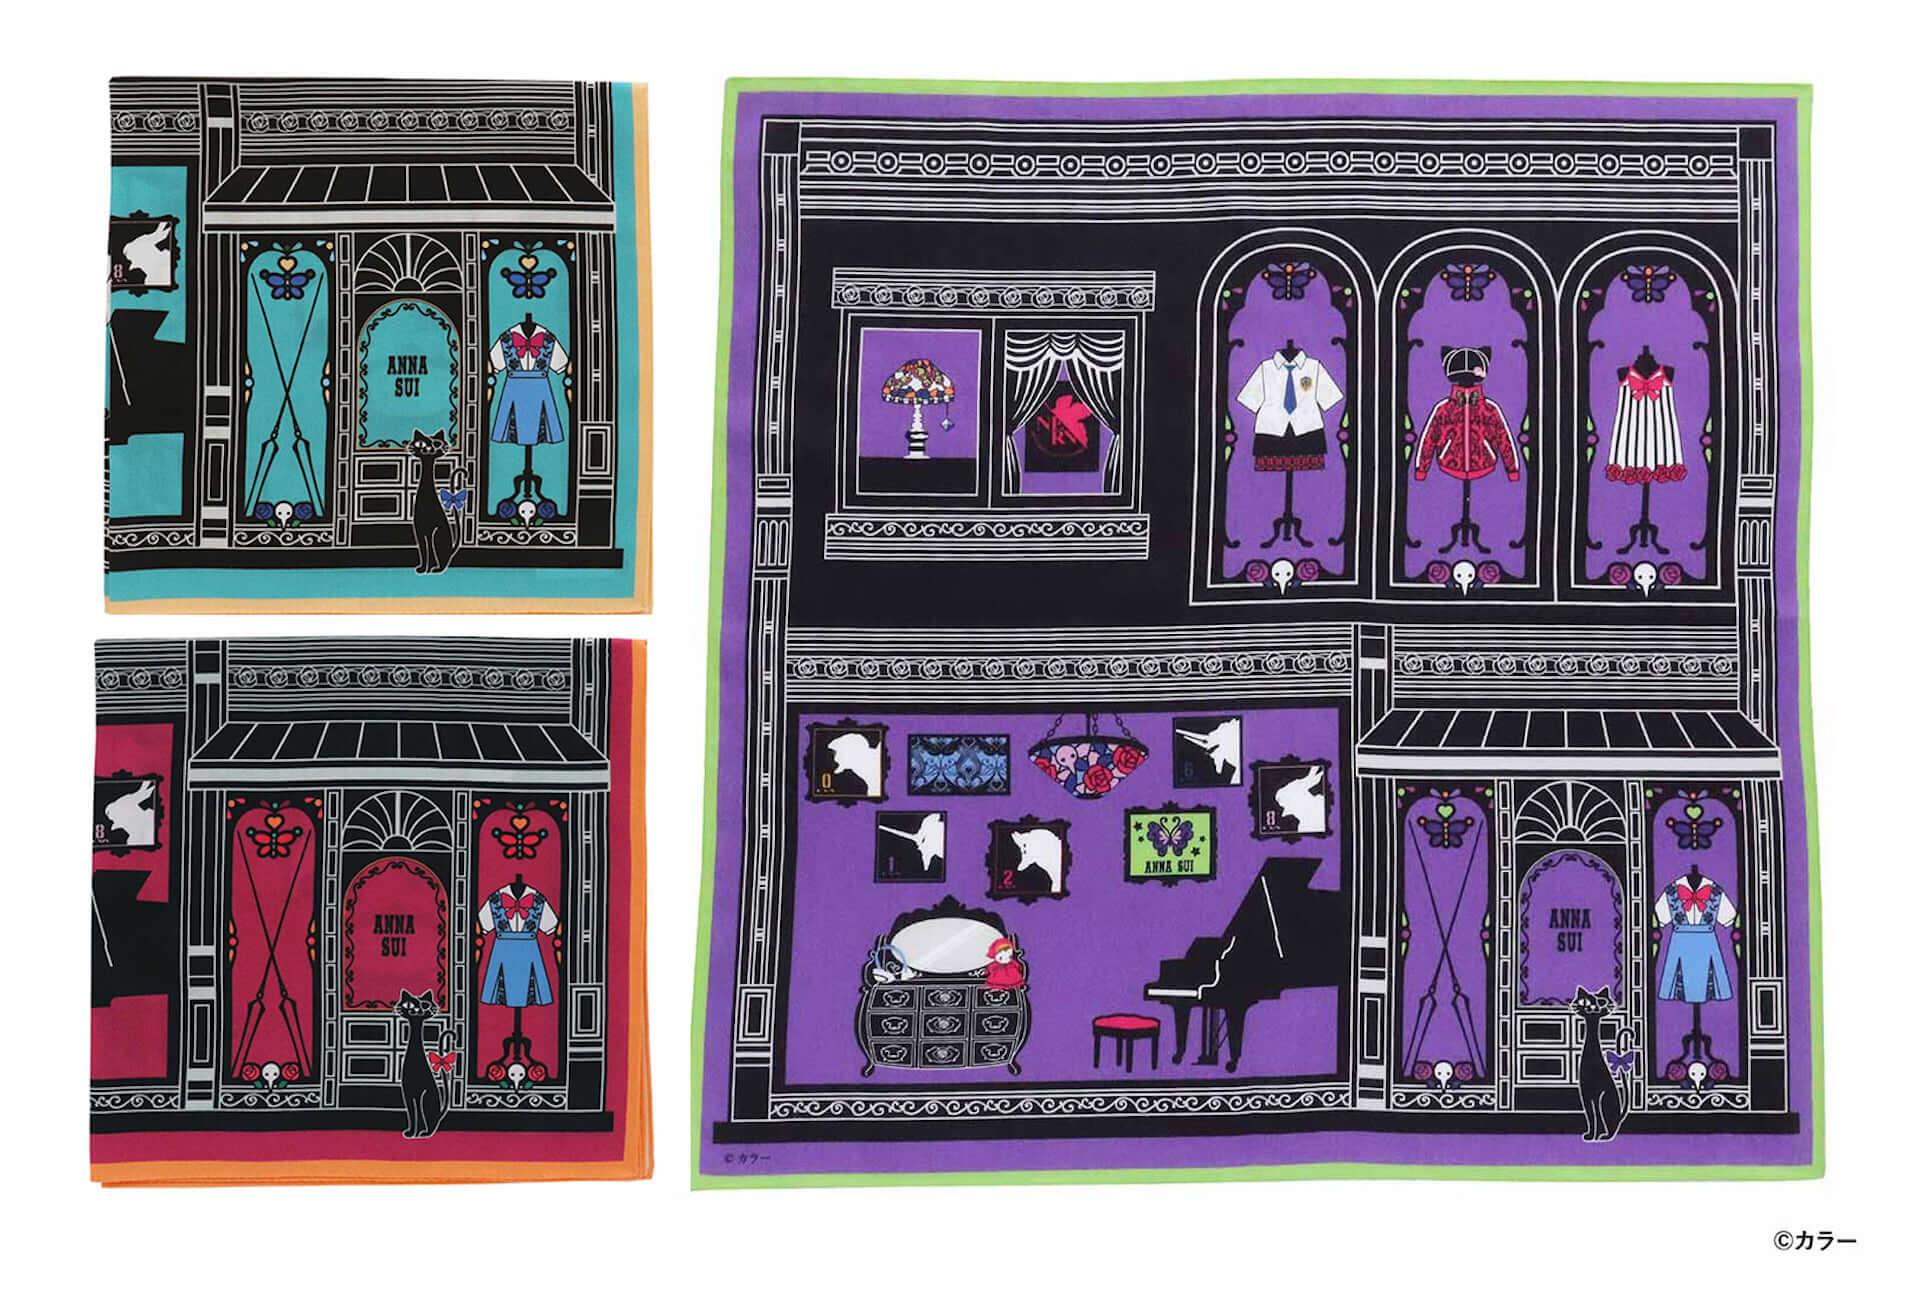 『エヴァンゲリオン』とANNA SUIがコラボ!『シン・エヴァンゲリオン劇場版』公開記念アイテムが発売決定 art210218_eva-annasui_1-1920x1303